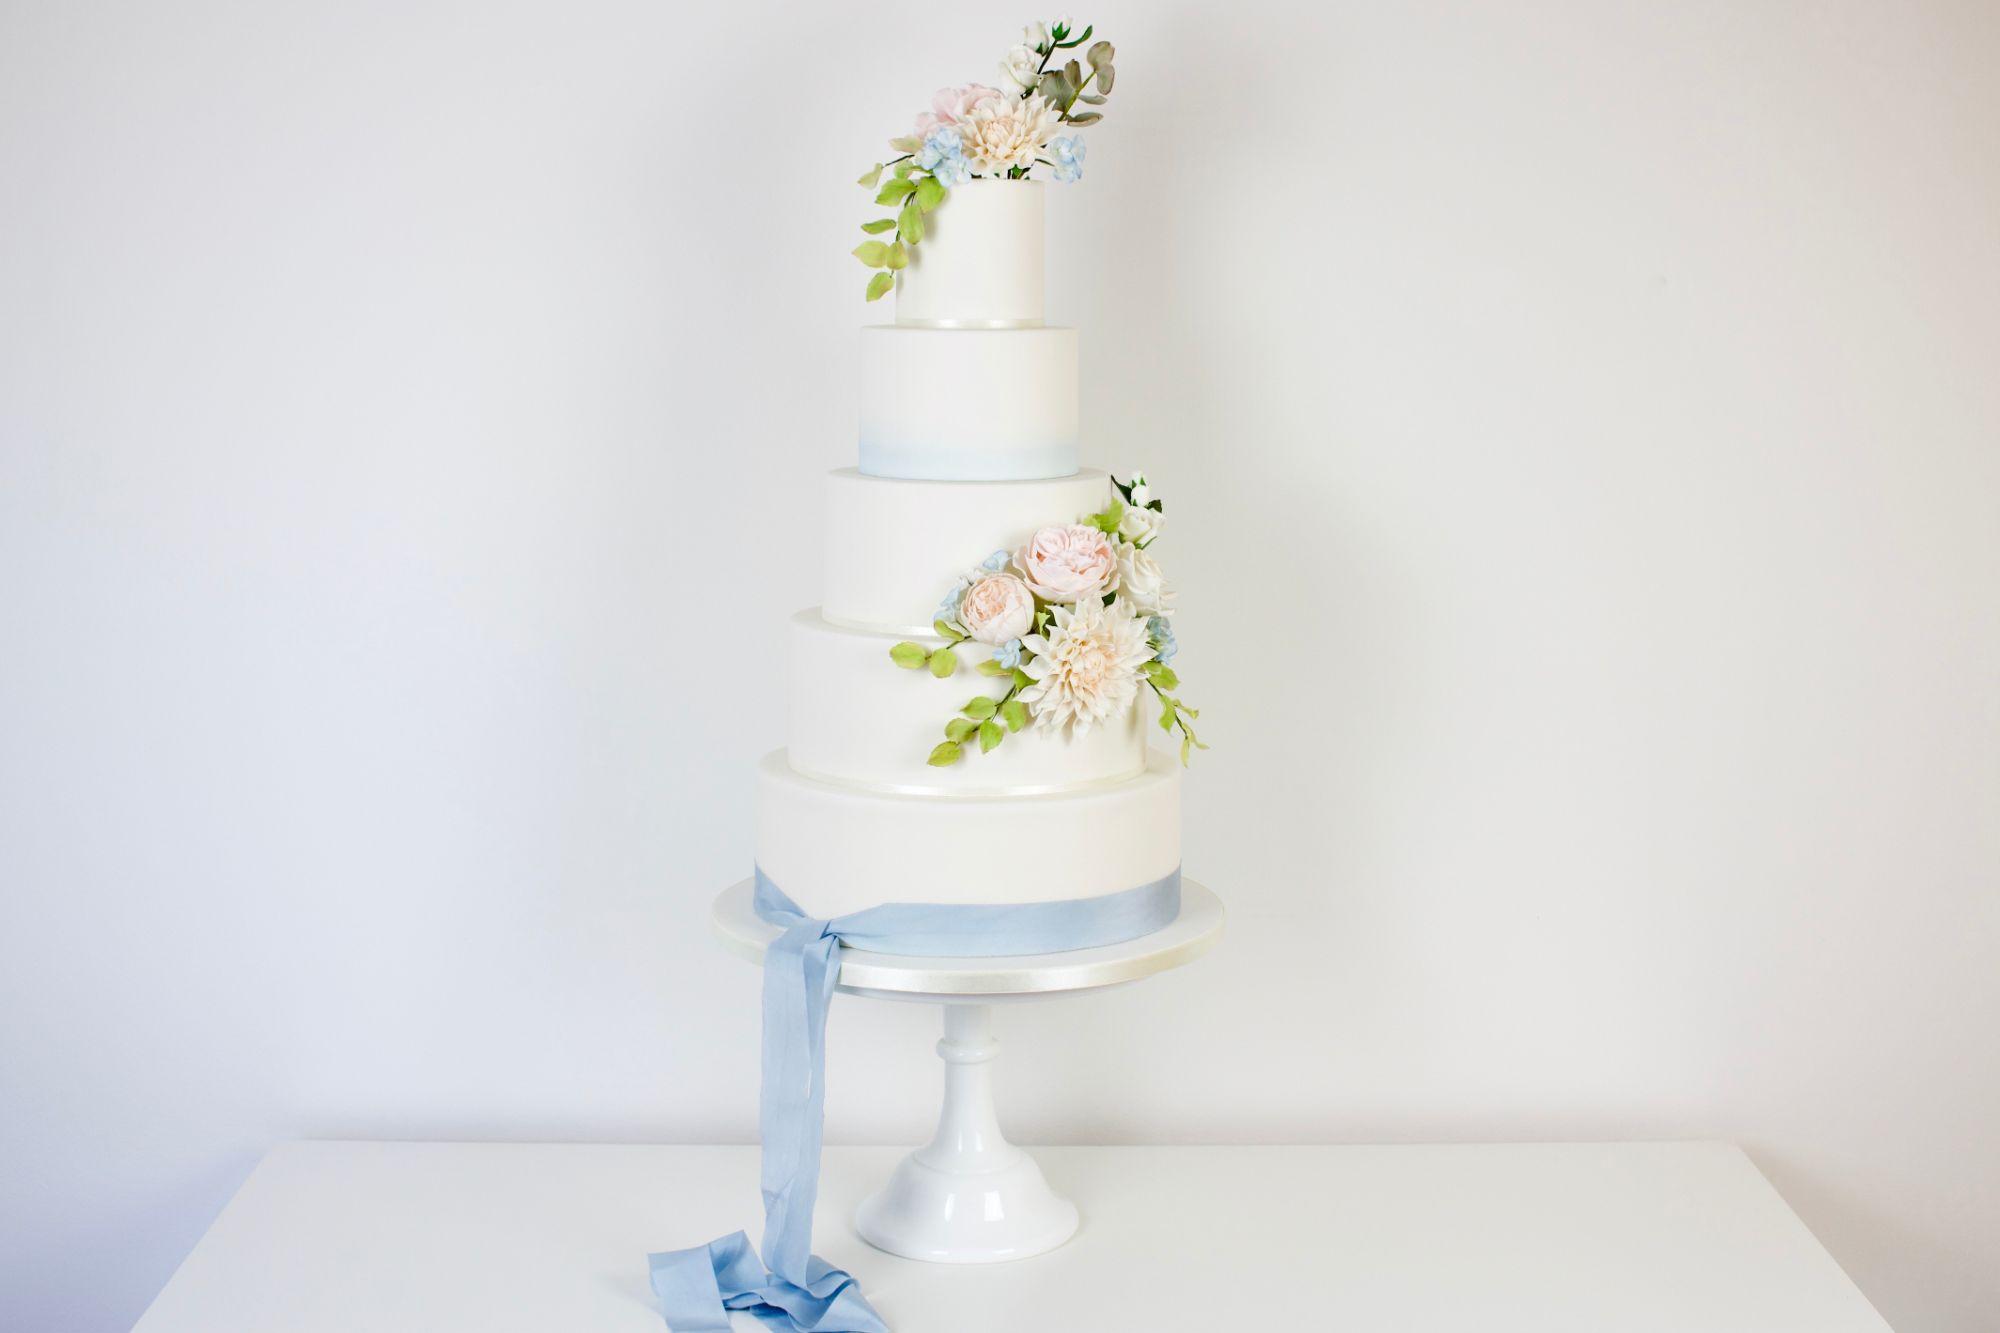 Sugar flowers, blue wedding cake